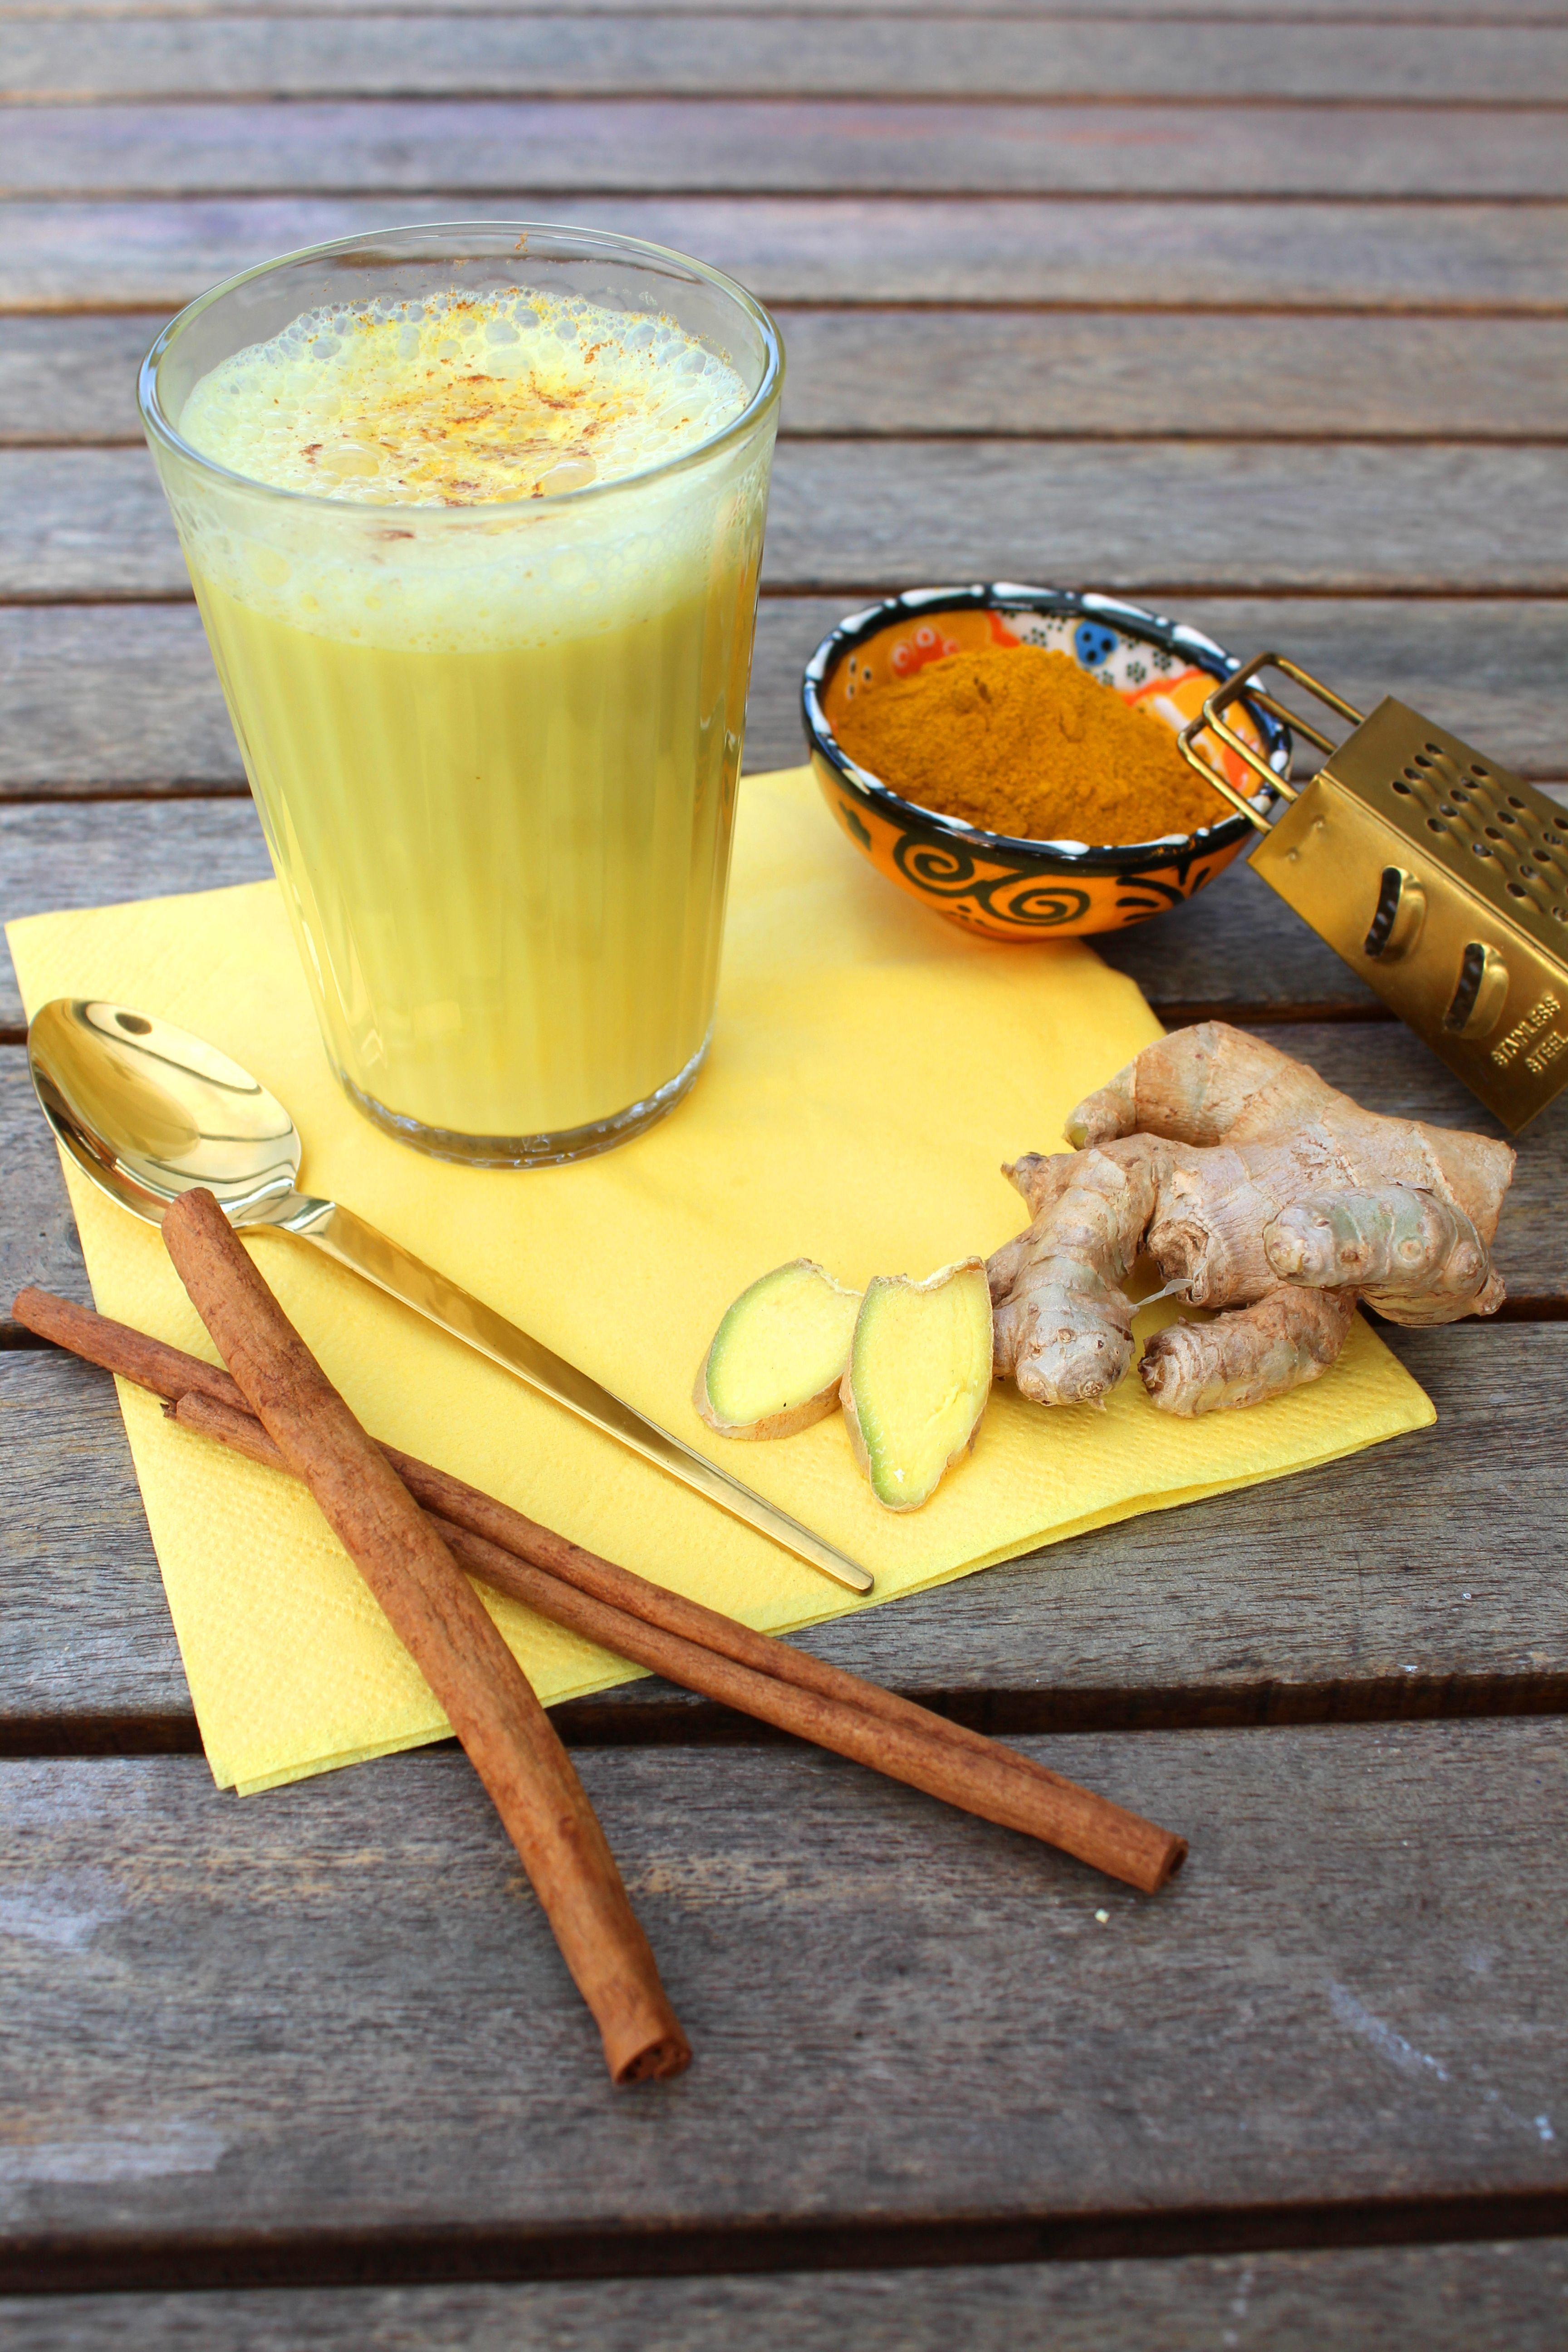 Kurkuma Latte Goldene Milch Mit Kurkuma Muskat Und Ingwer Das Rezept Dazu Findet Ihr Auf Unserer Website Unserem Instagram A Kurkuma Milch Rezepte Gewurze